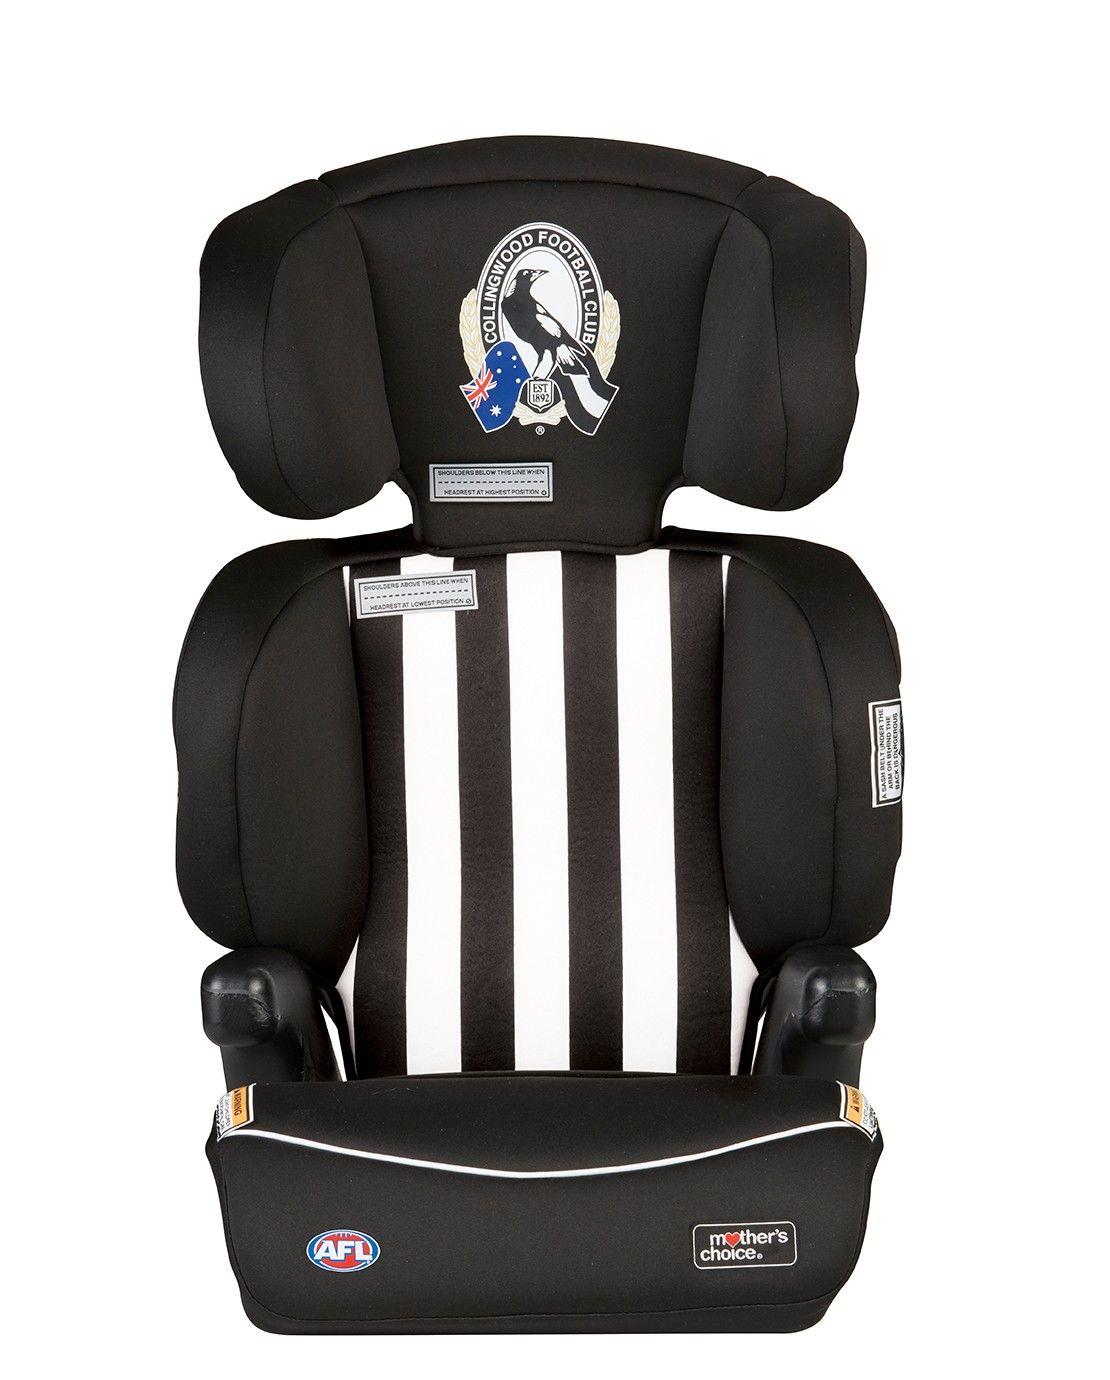 Afl booster seats car seat booster seat booster car